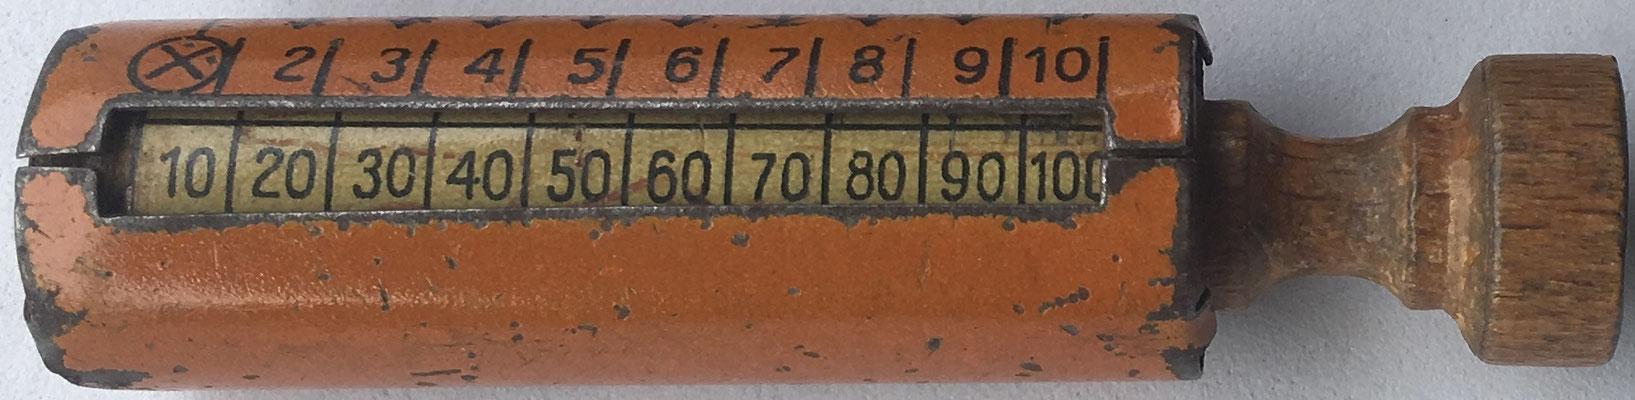 Multiplicador MULTIFIX, fabricado en Alemania, 7 cm largo x 1,5 cm diámetro